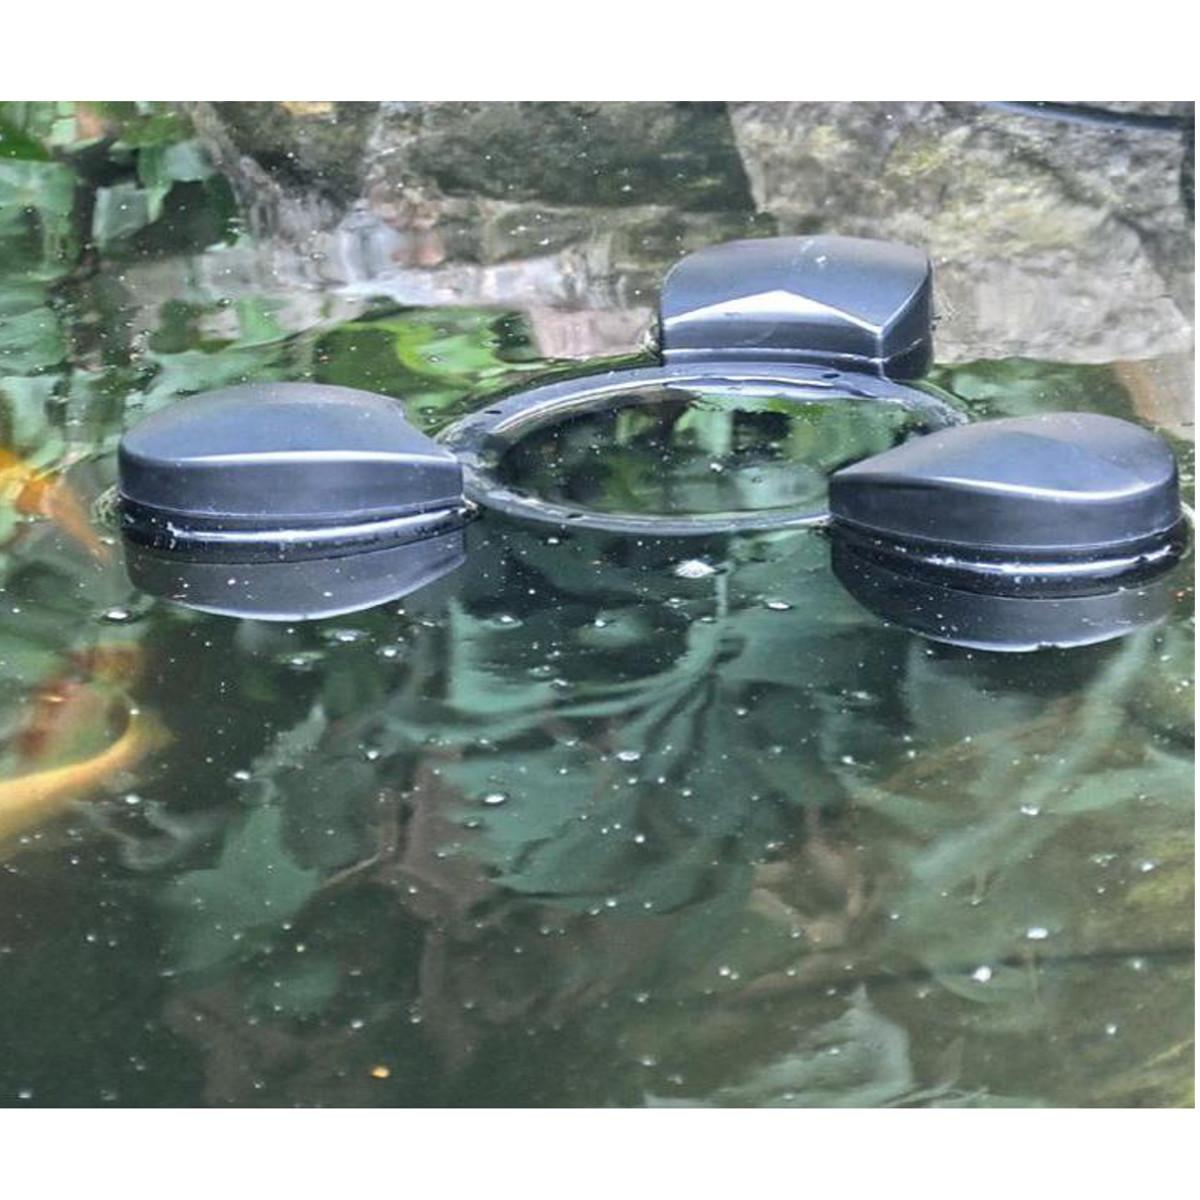 Bermuda floating pond skimmer pump remove debris filter for Pond skimmer